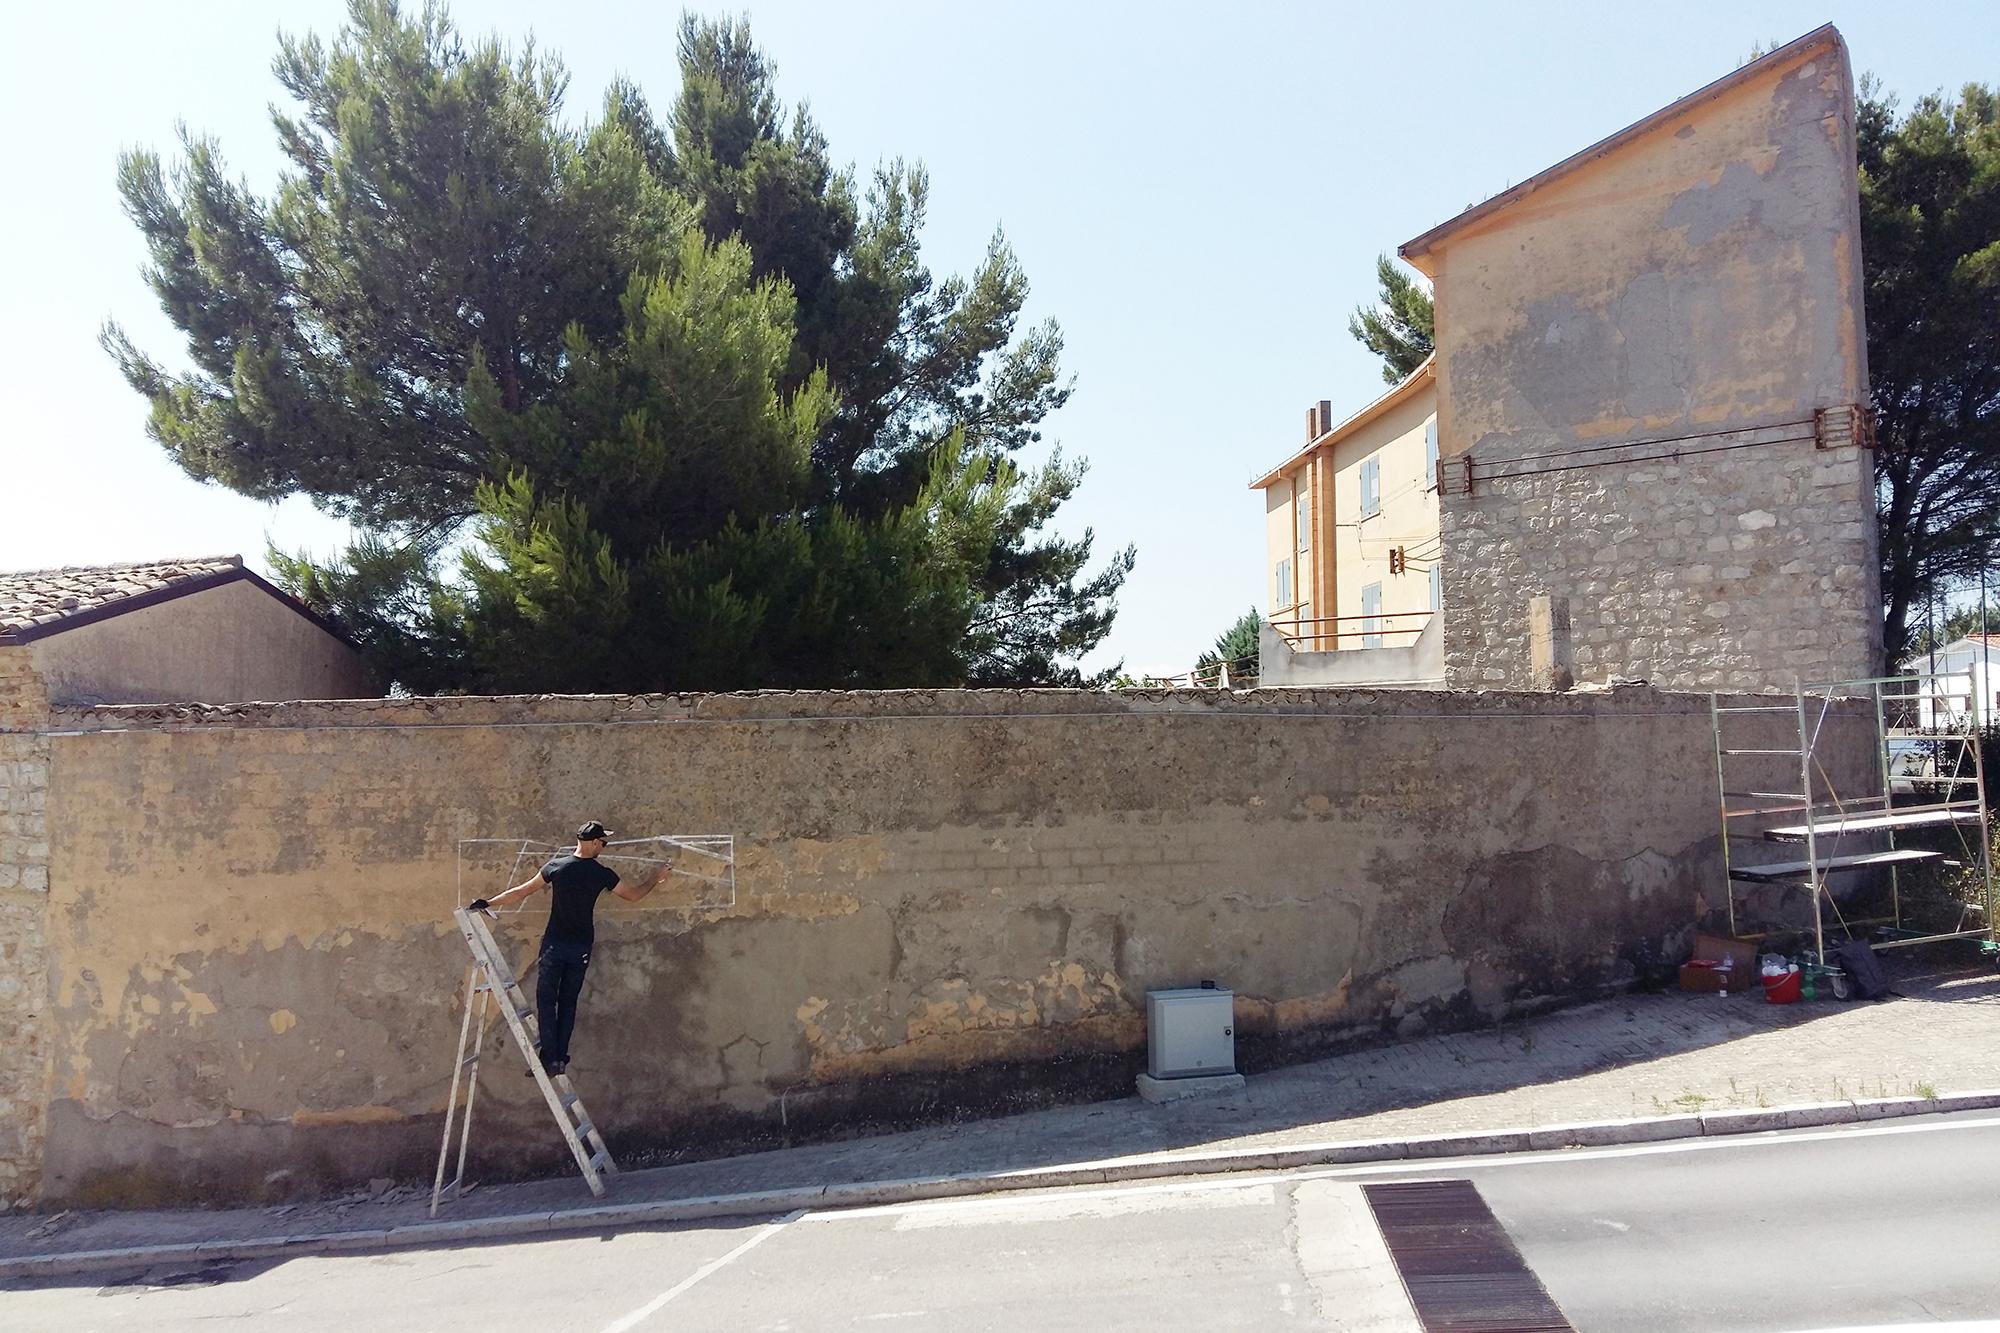 Soda Santa Croce di Magliano Premio Antonio Giordano